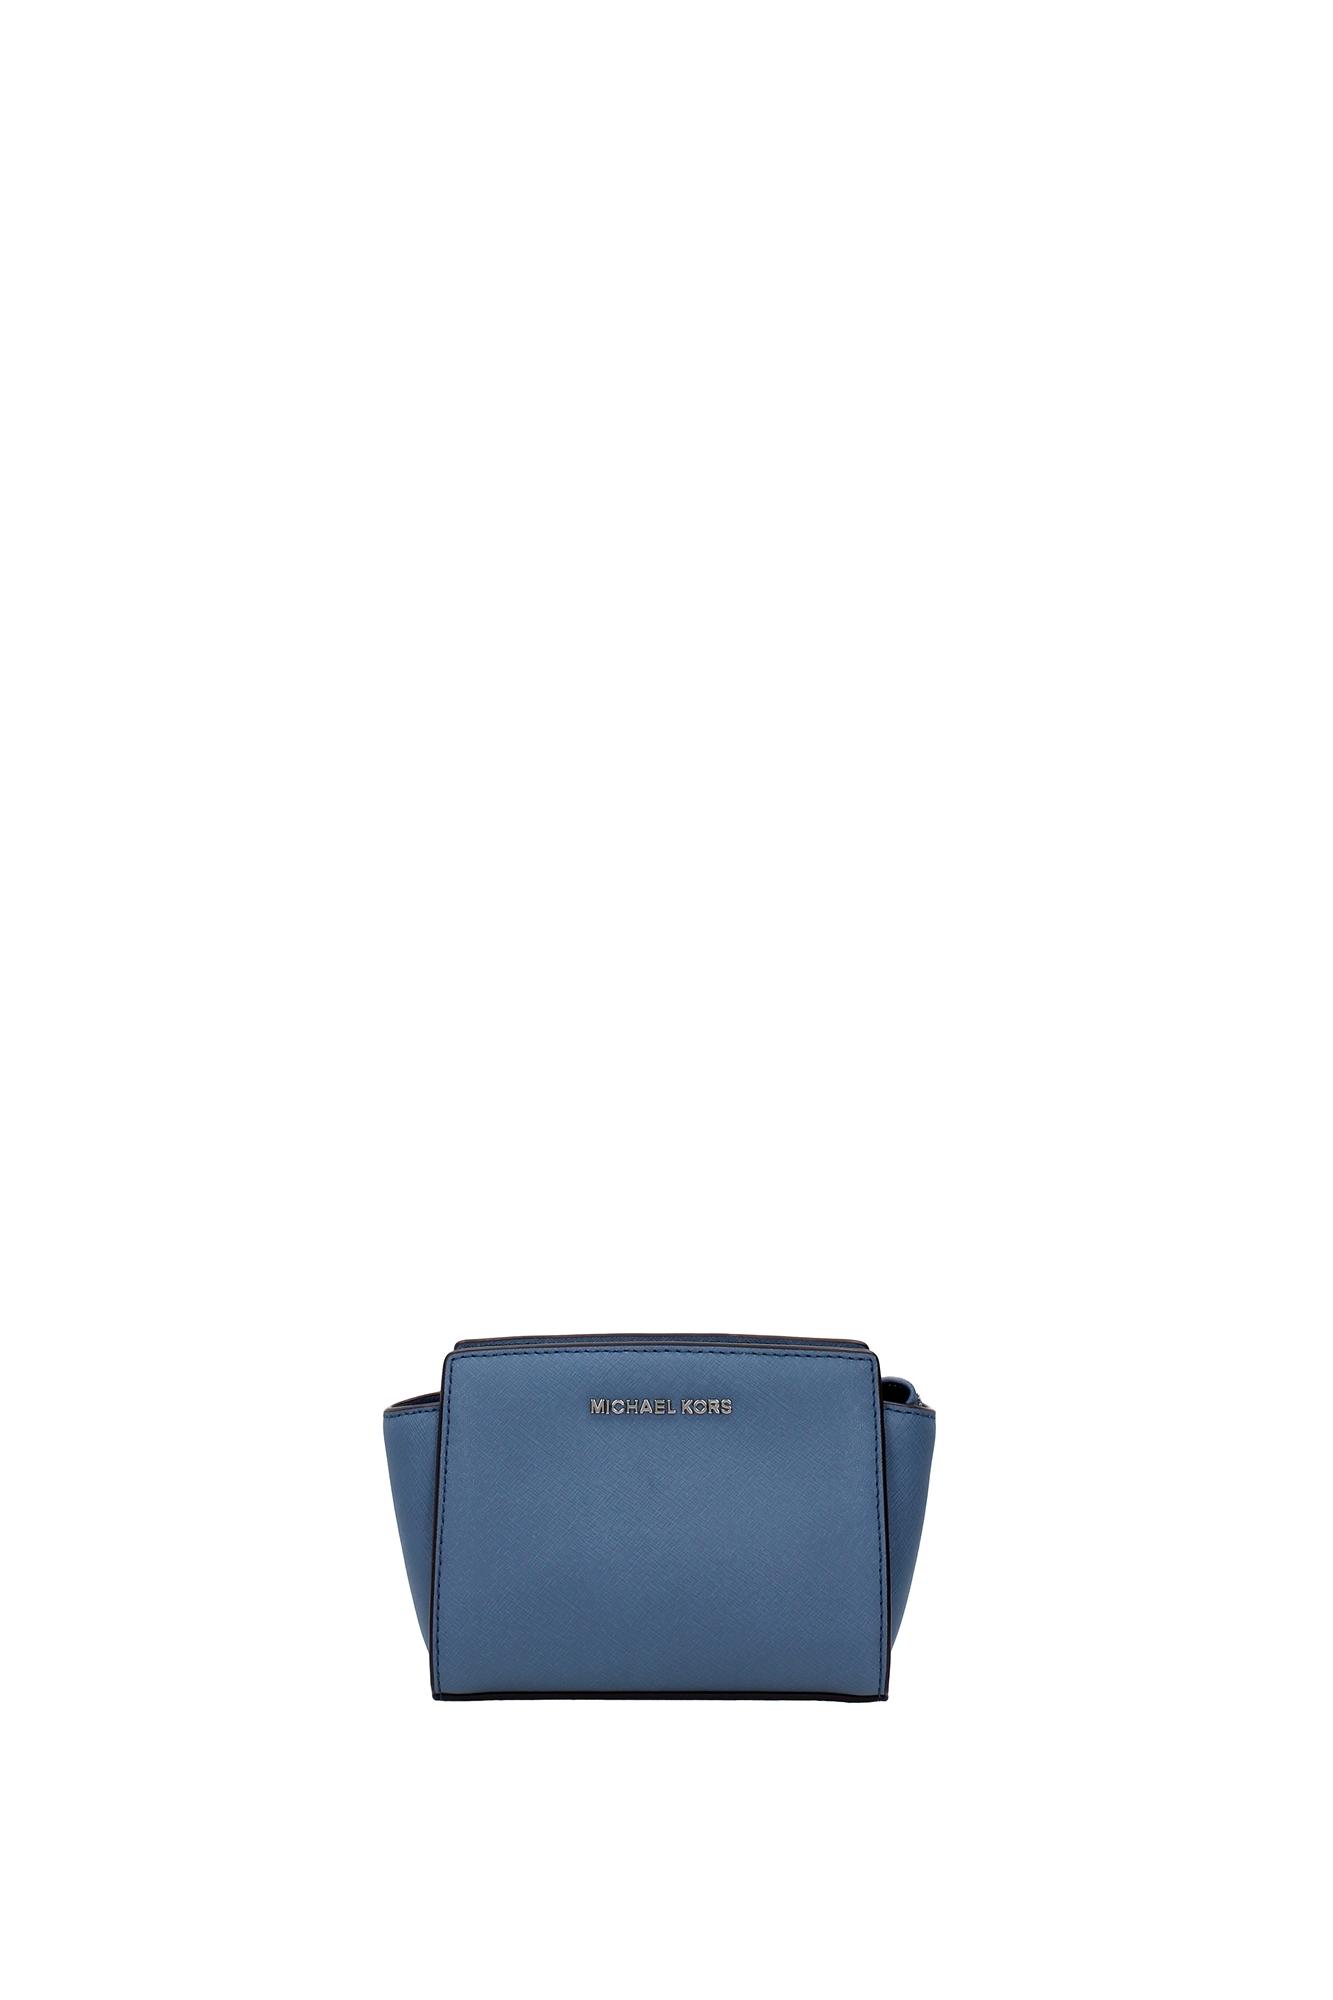 handtasche michael kors damen leder blau 32h3slmc1ldenim. Black Bedroom Furniture Sets. Home Design Ideas